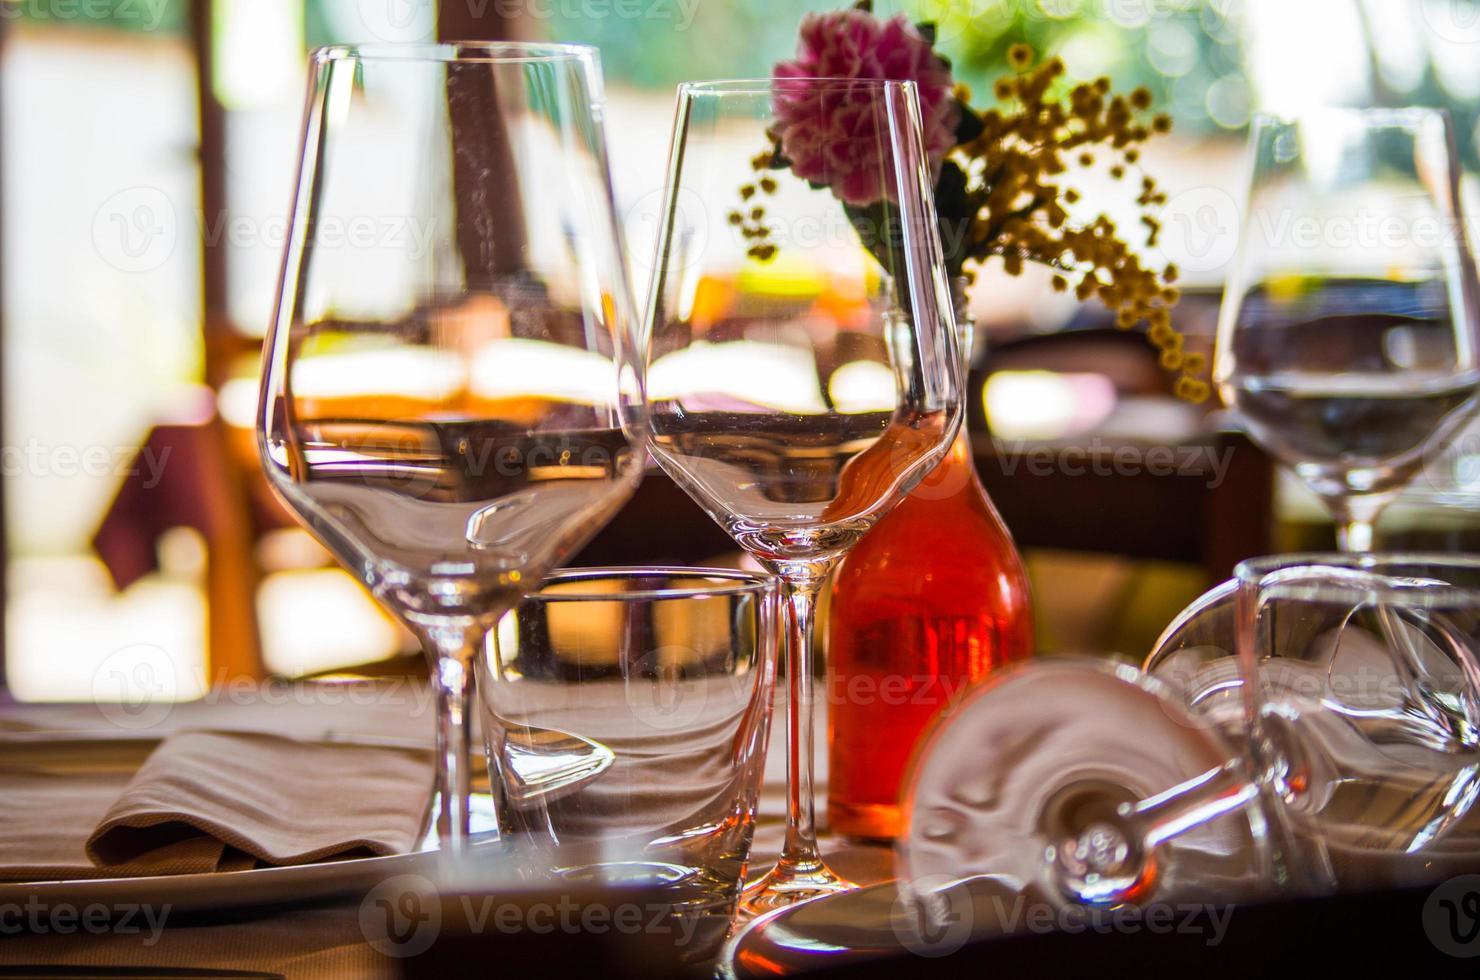 glaswerk op tafel met bloem zien foto